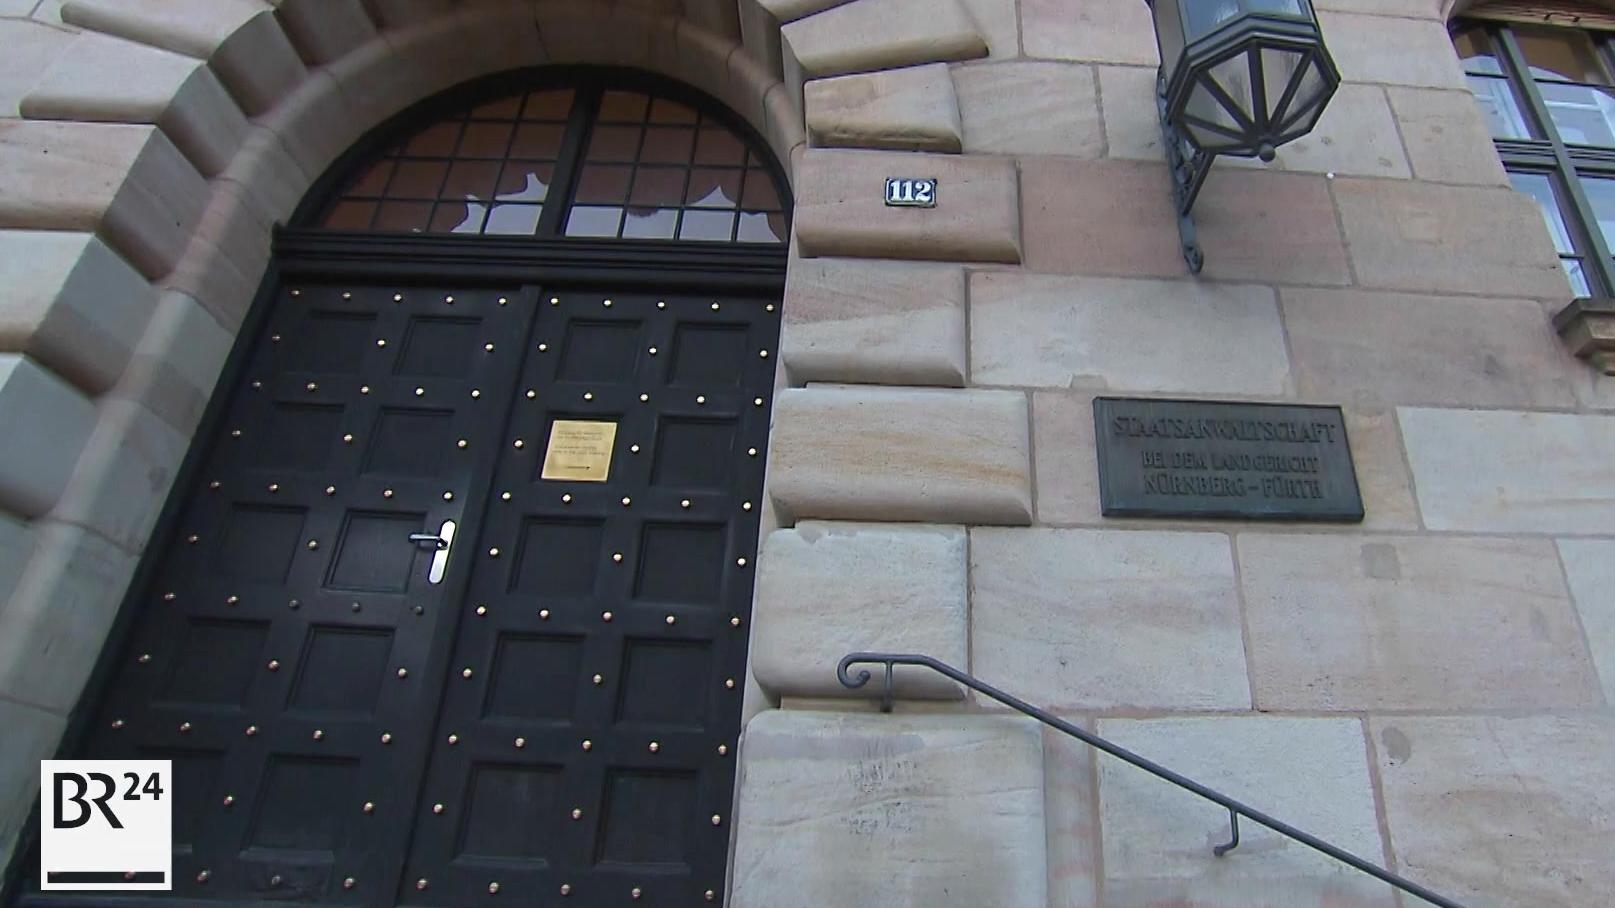 Eingang der Staatsanwaltschaft Nürnberg-Fürth